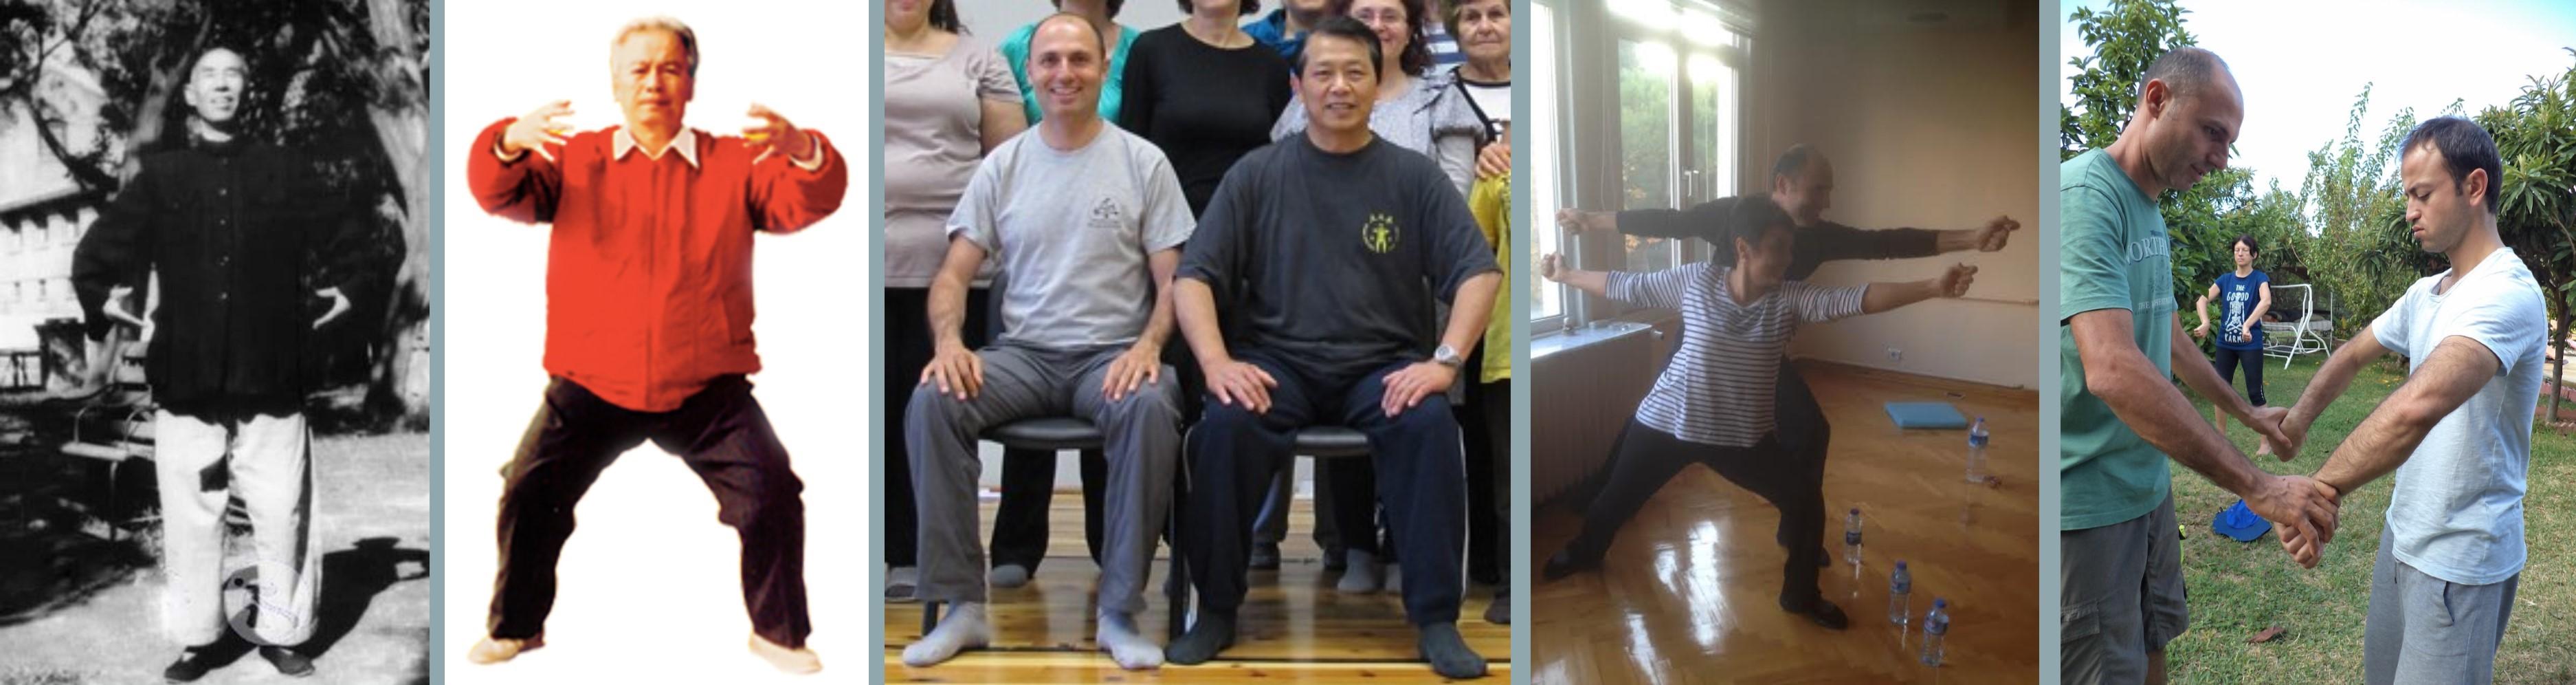 Wang Xiang Zhai, Yu Yong Nian, Lam Kam Chuen, Tarık Tekman, Sevim Savaşçı ve Özgür Ç. Çelik